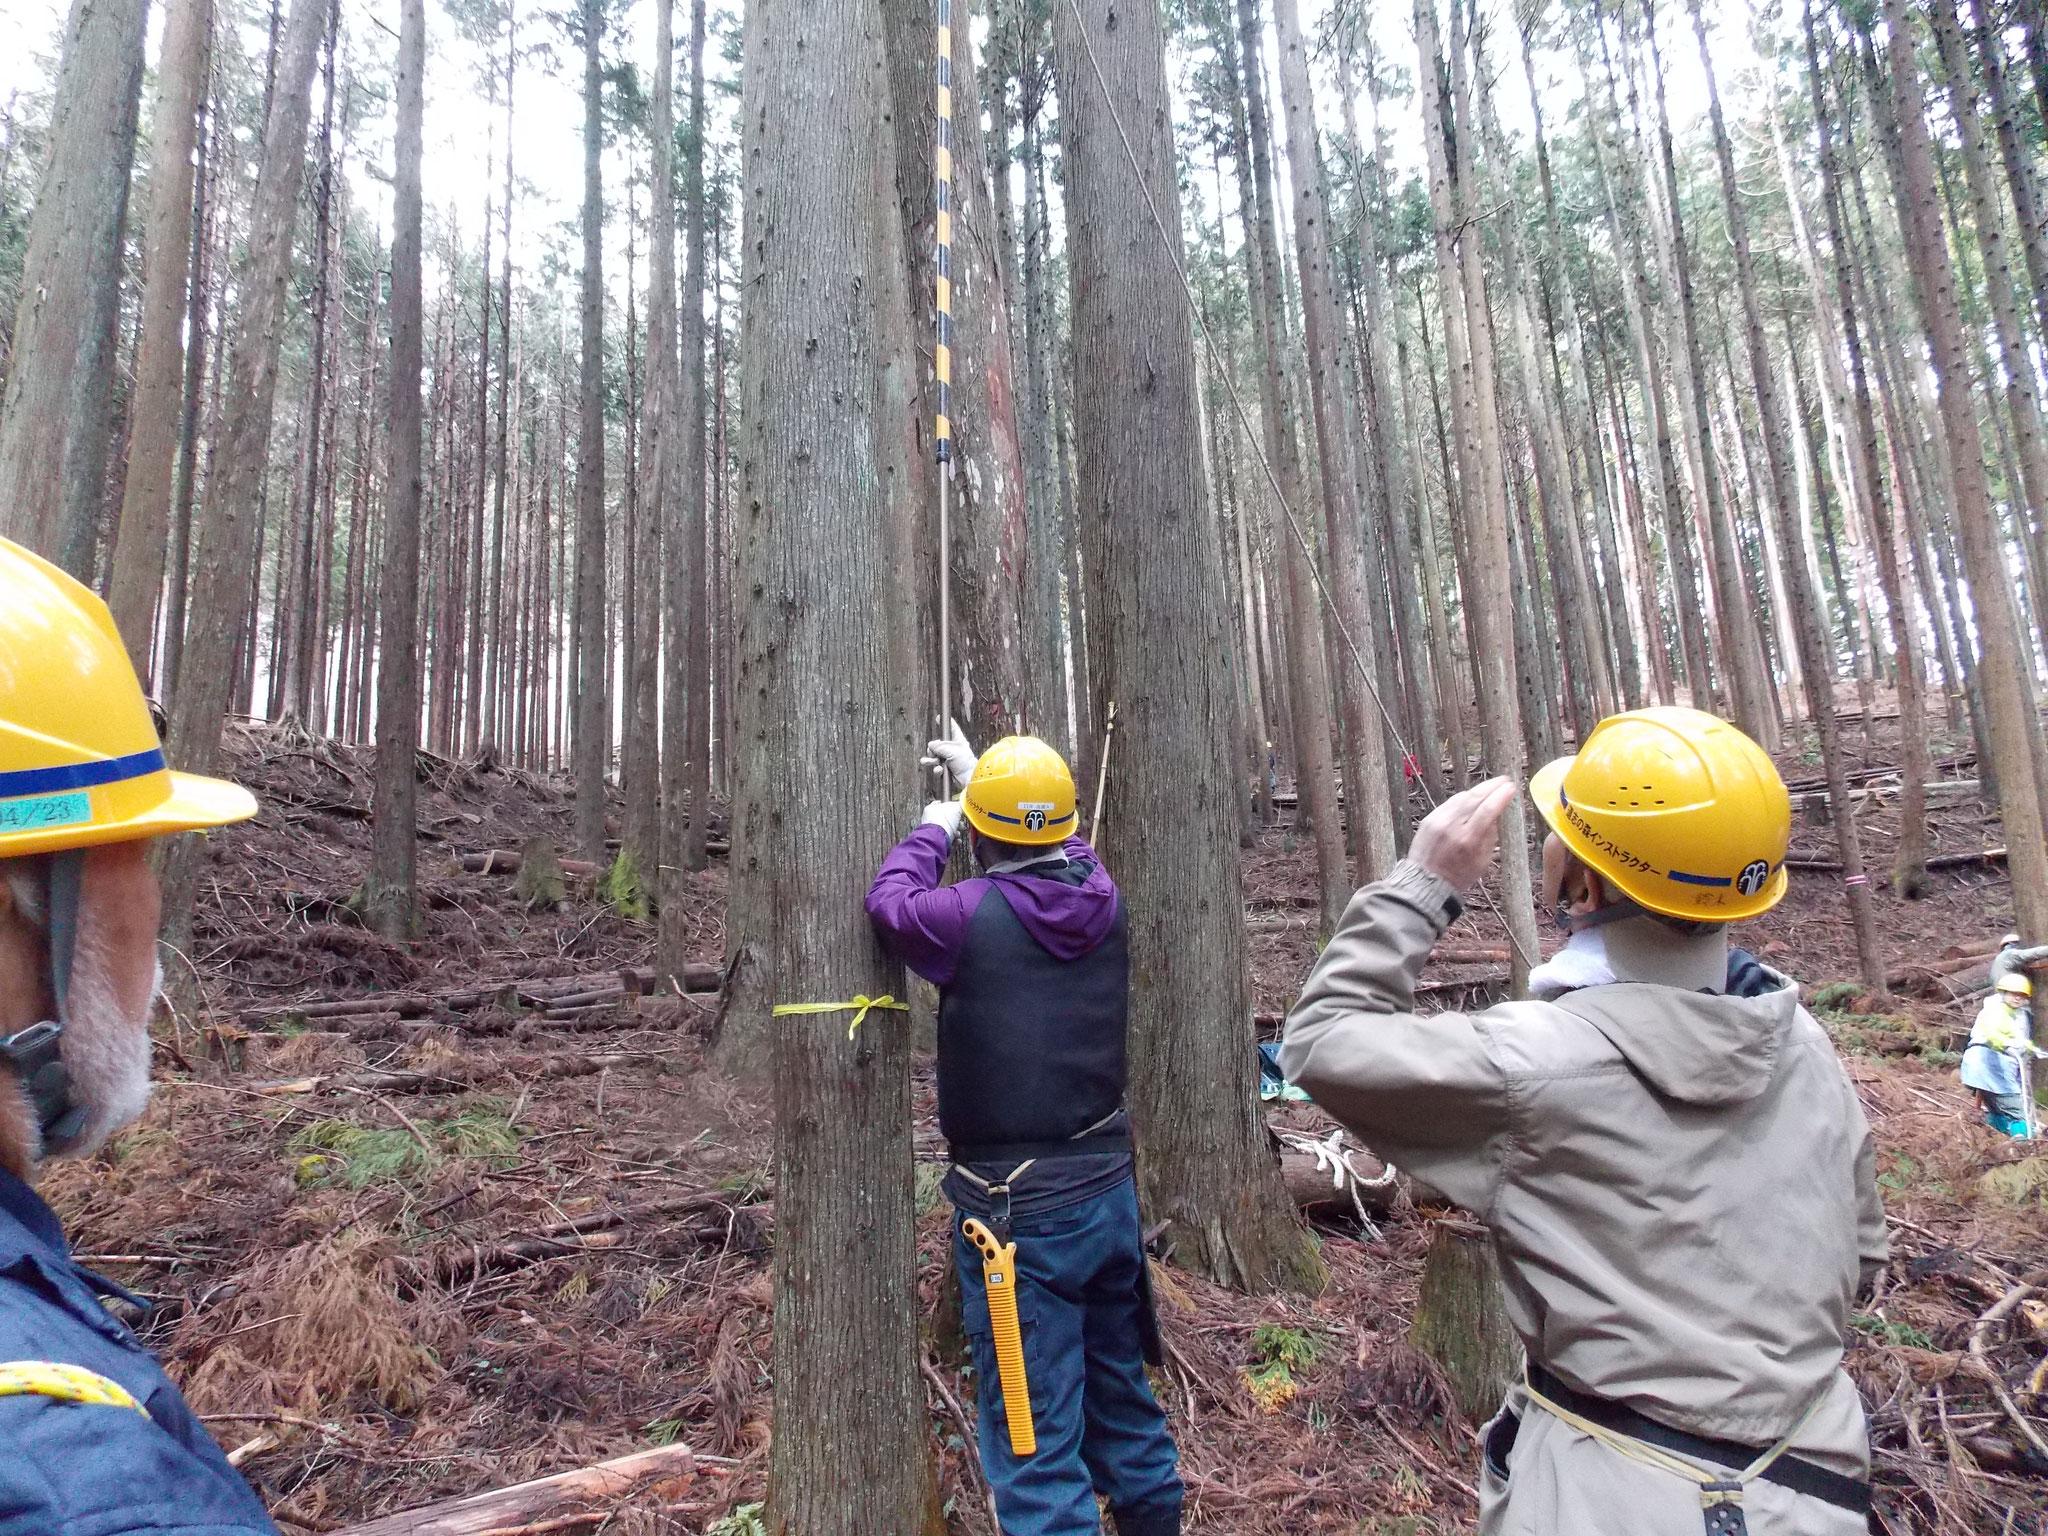 係かり木状態の処理にチャレンジ